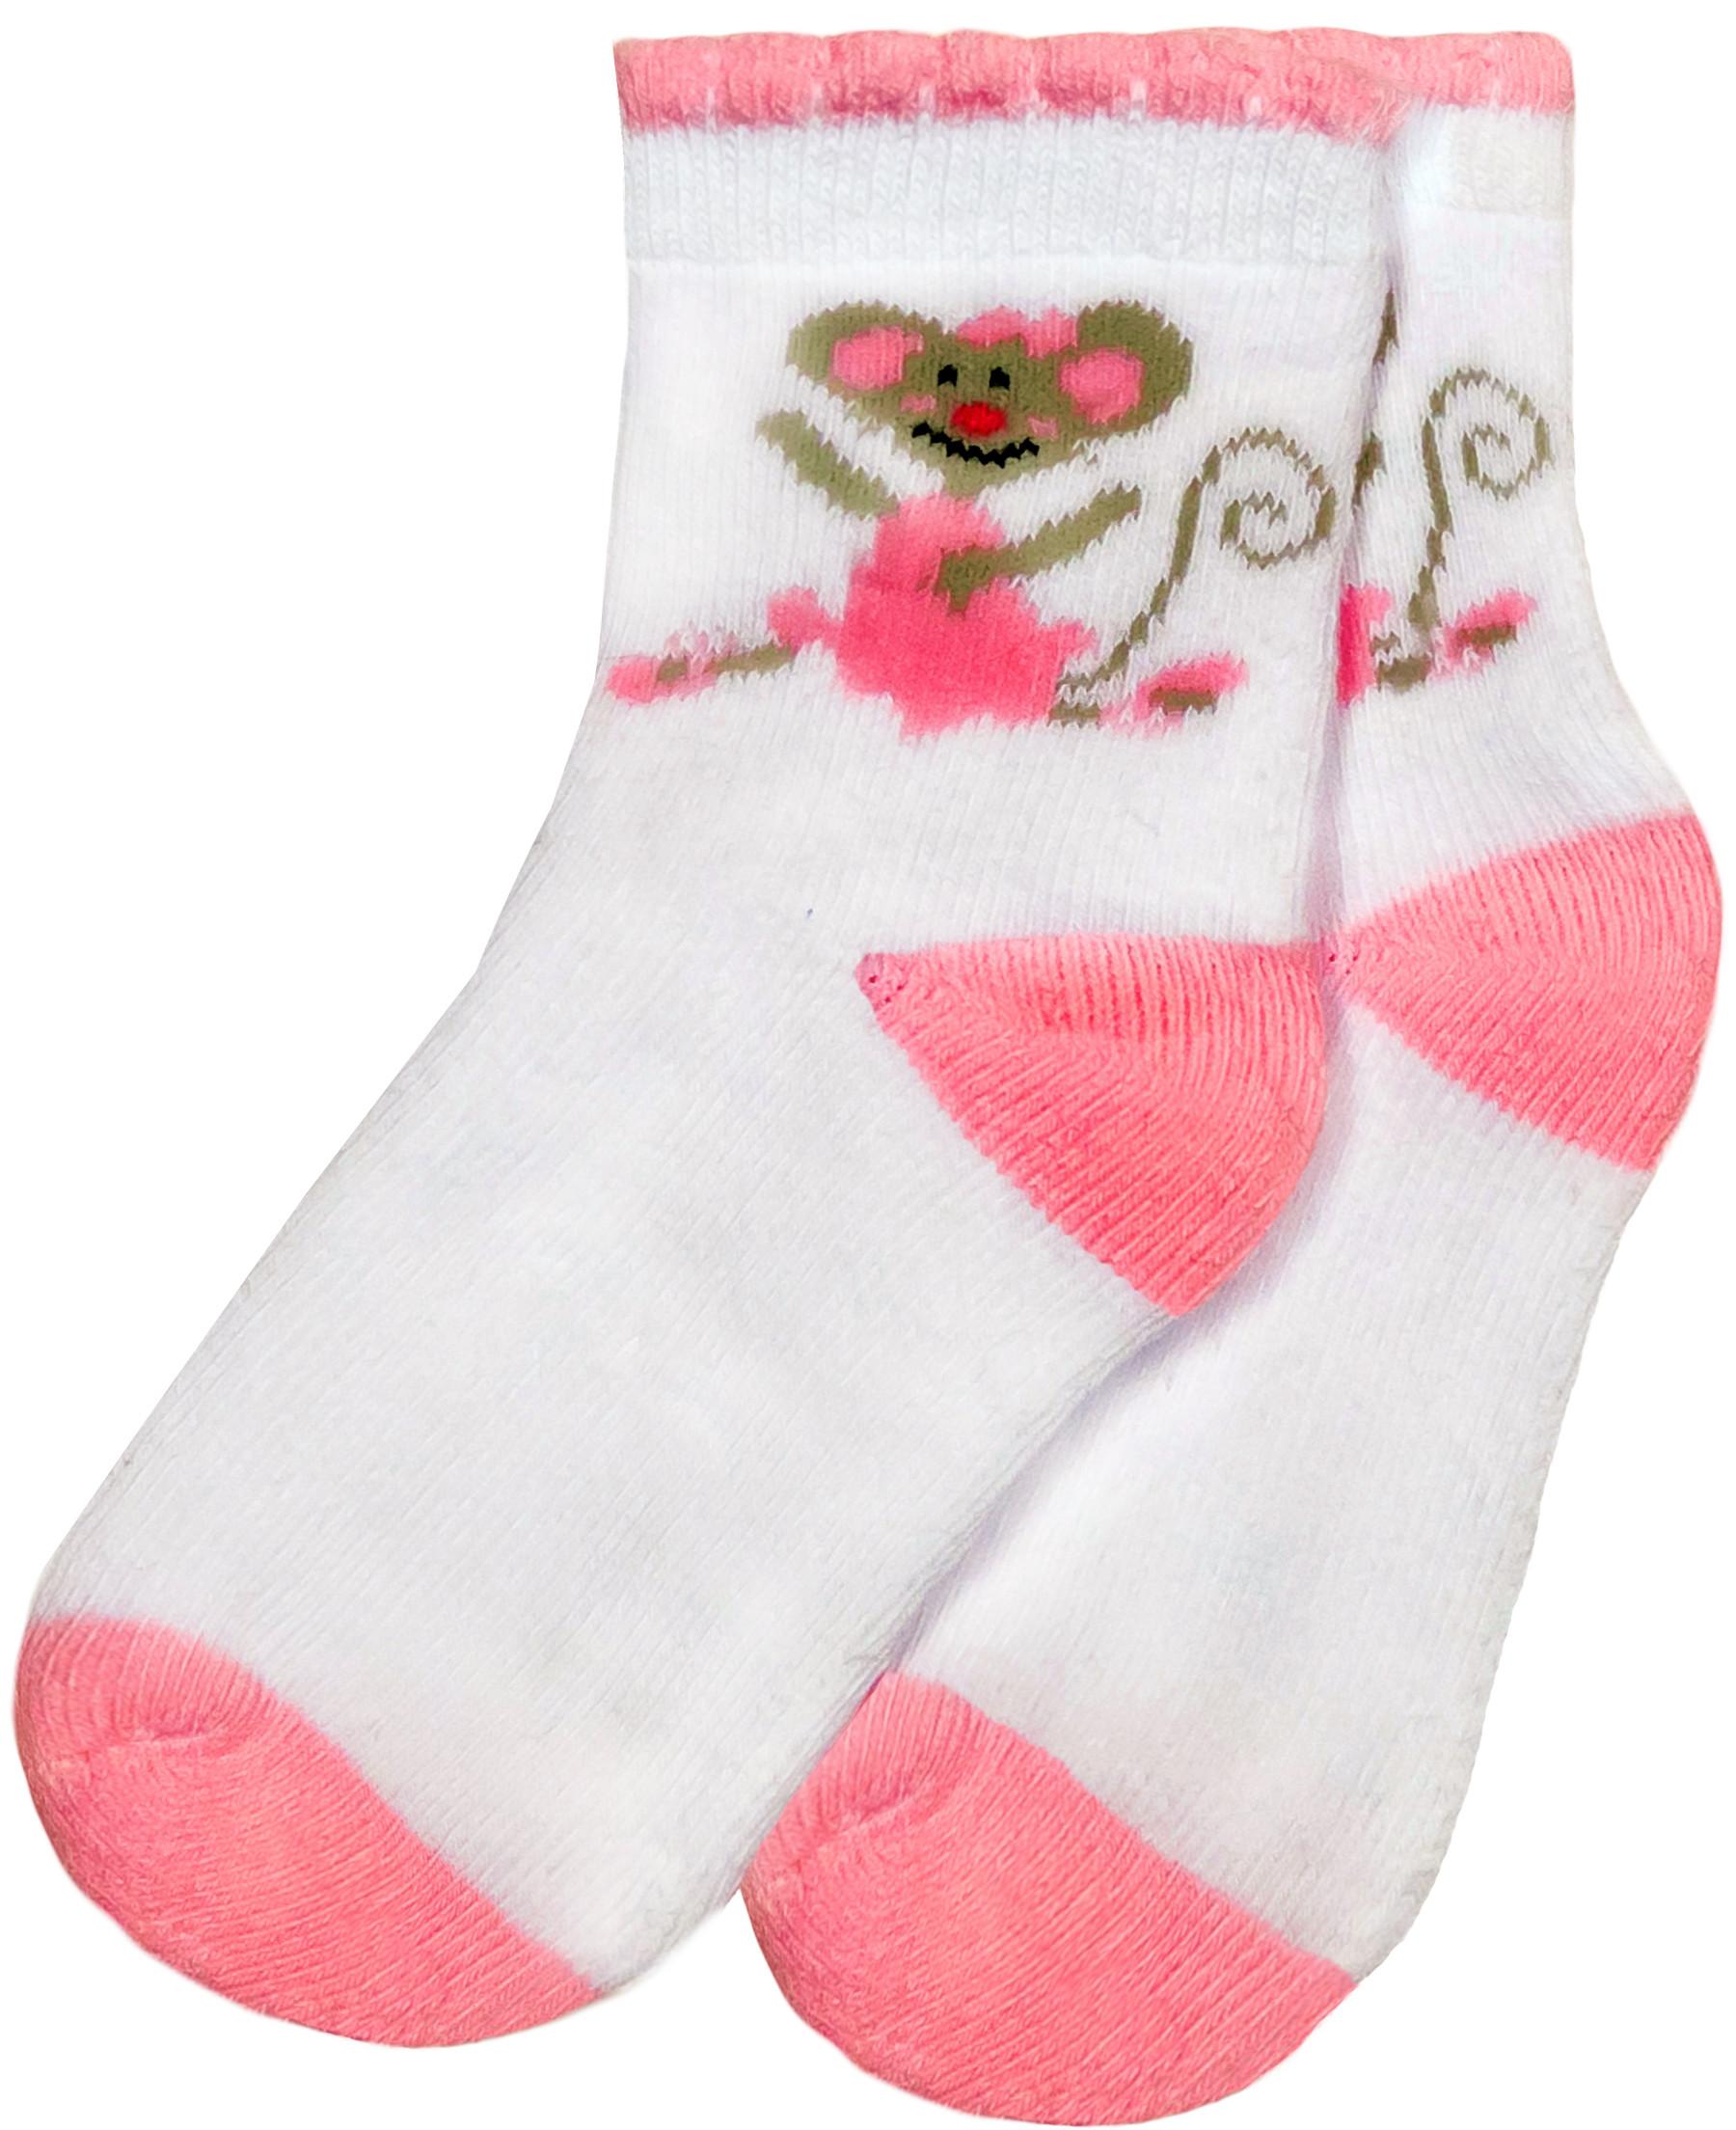 Носки Barkito Носки махровые для девочки Barkito, белые с рисунком igrobeauty тапочки махровые открытый мыс белые на нескользящей подошве спанбонд очка